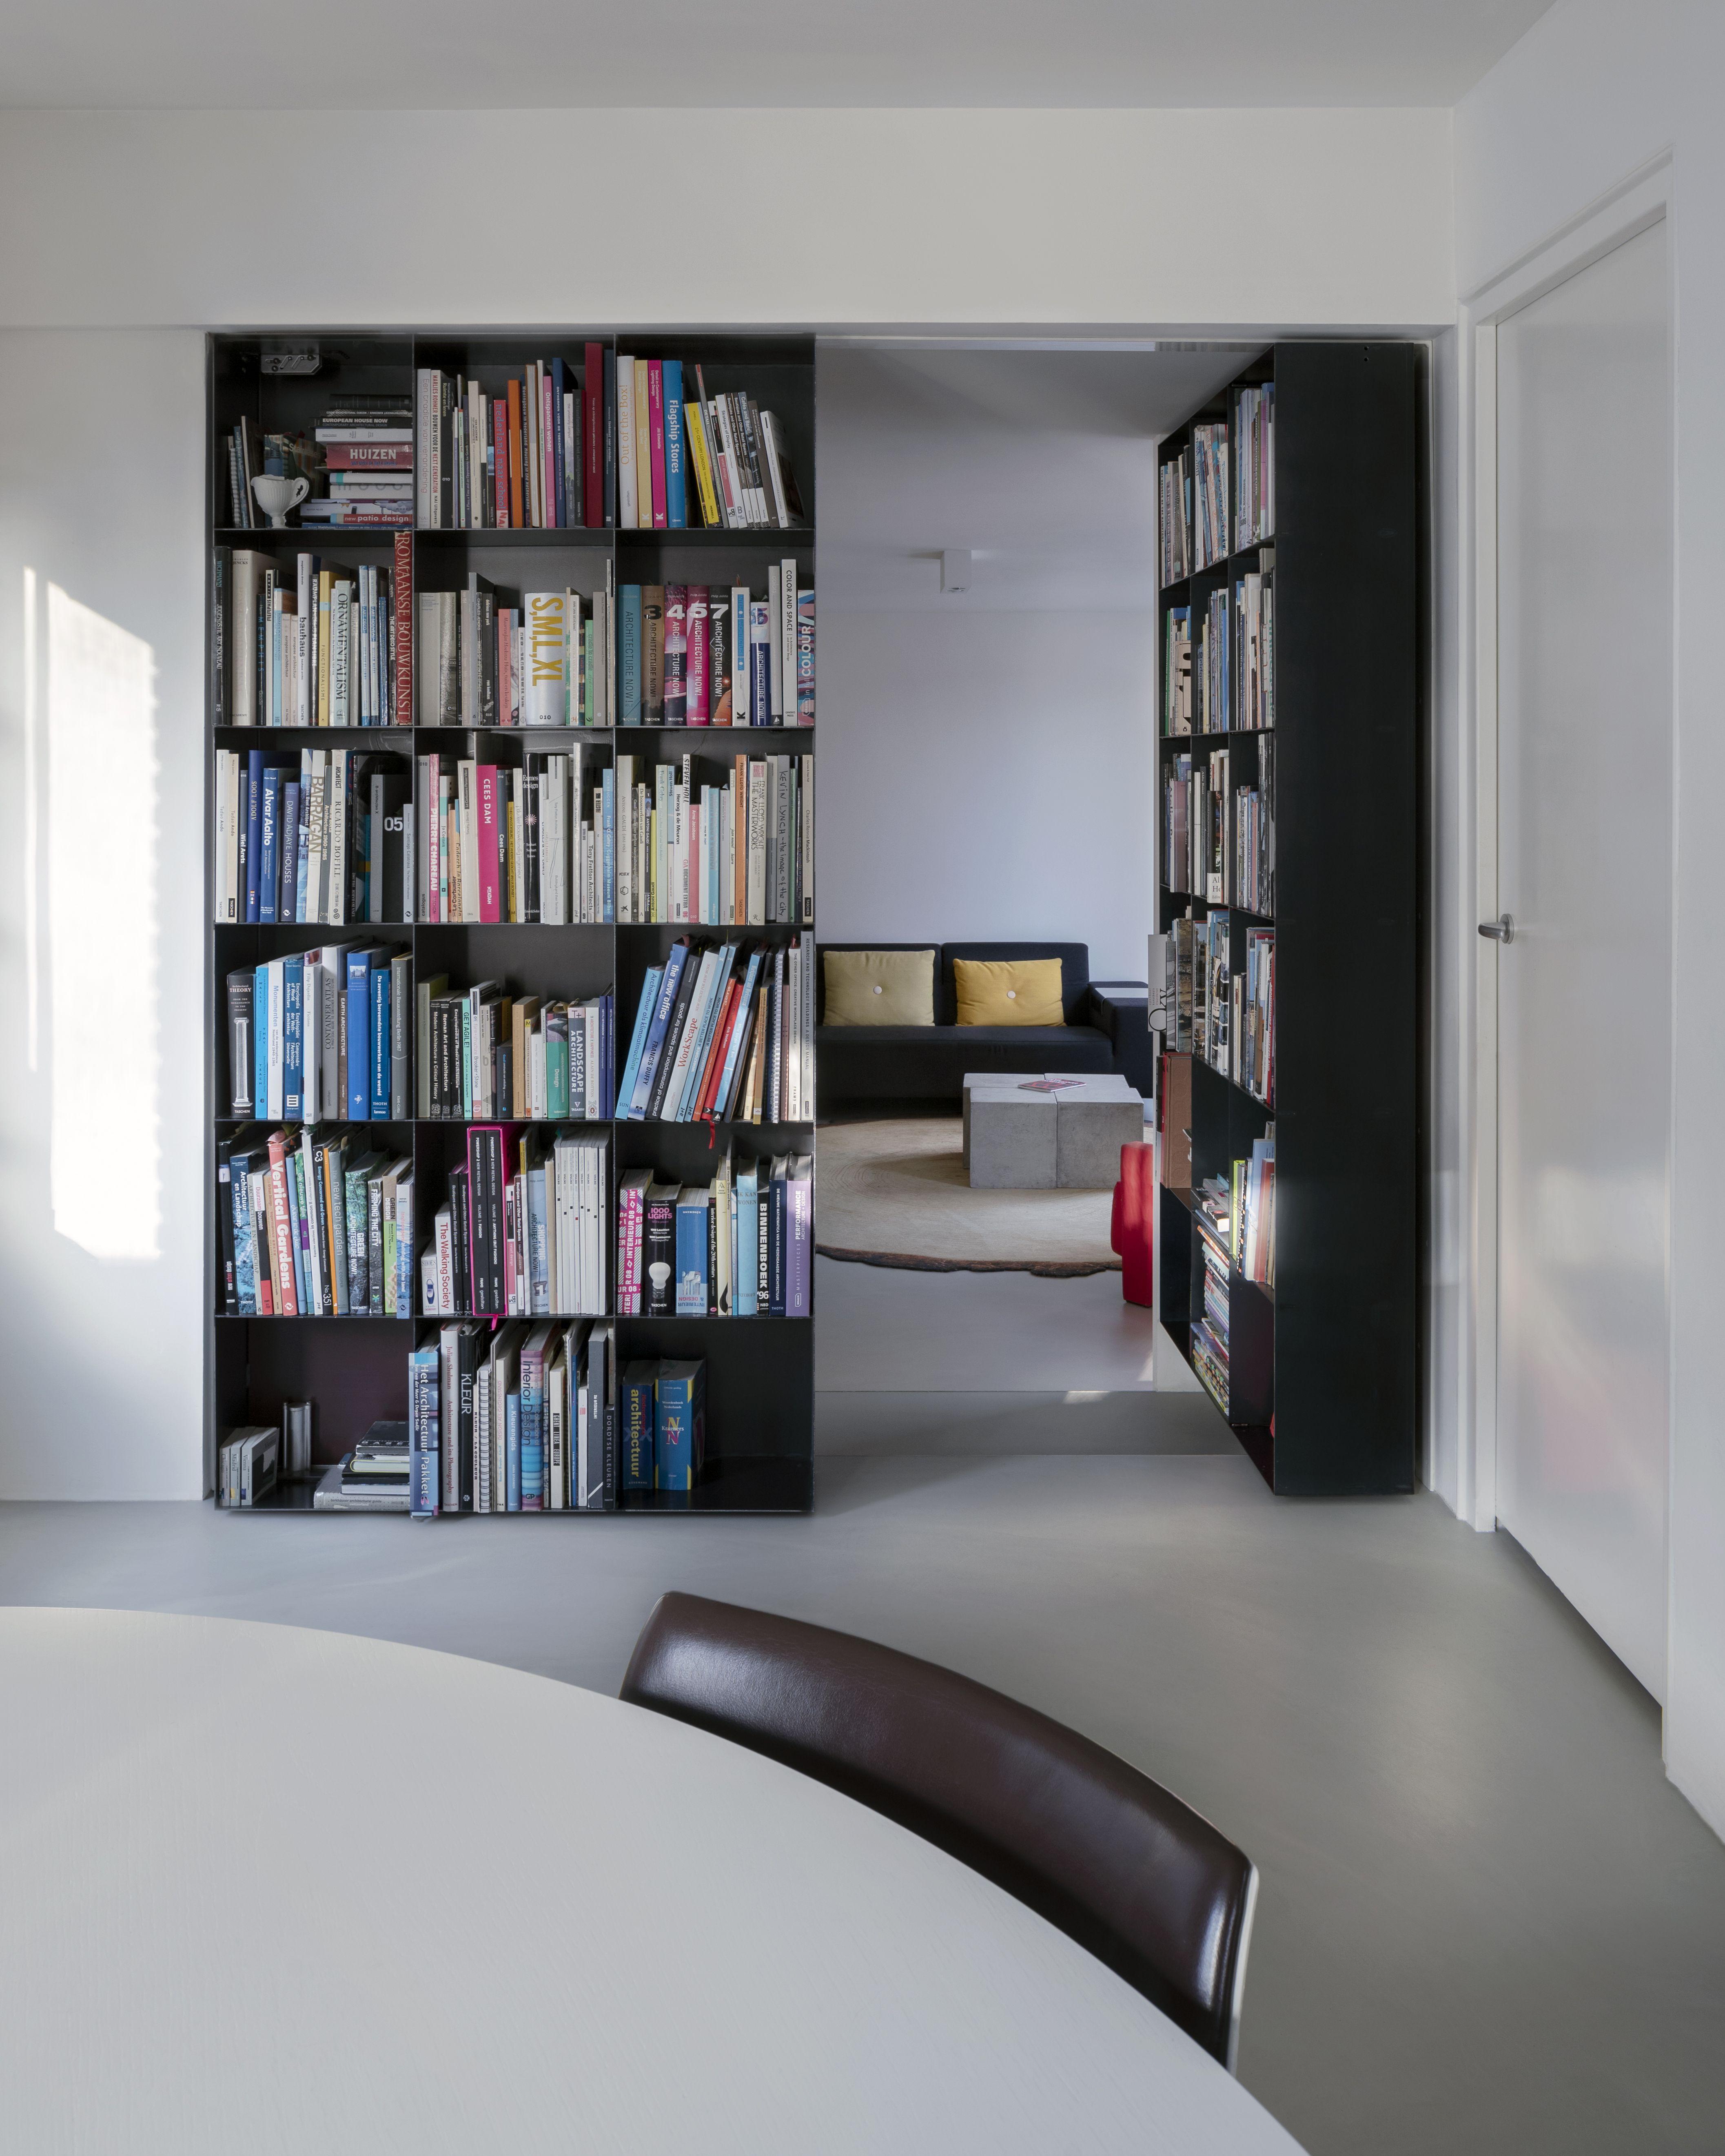 Secret Bookcase With Fritsjurgens Pivot Hinge System Right Door Opened Bookshelf Door Pivot Doors Bookcase Door